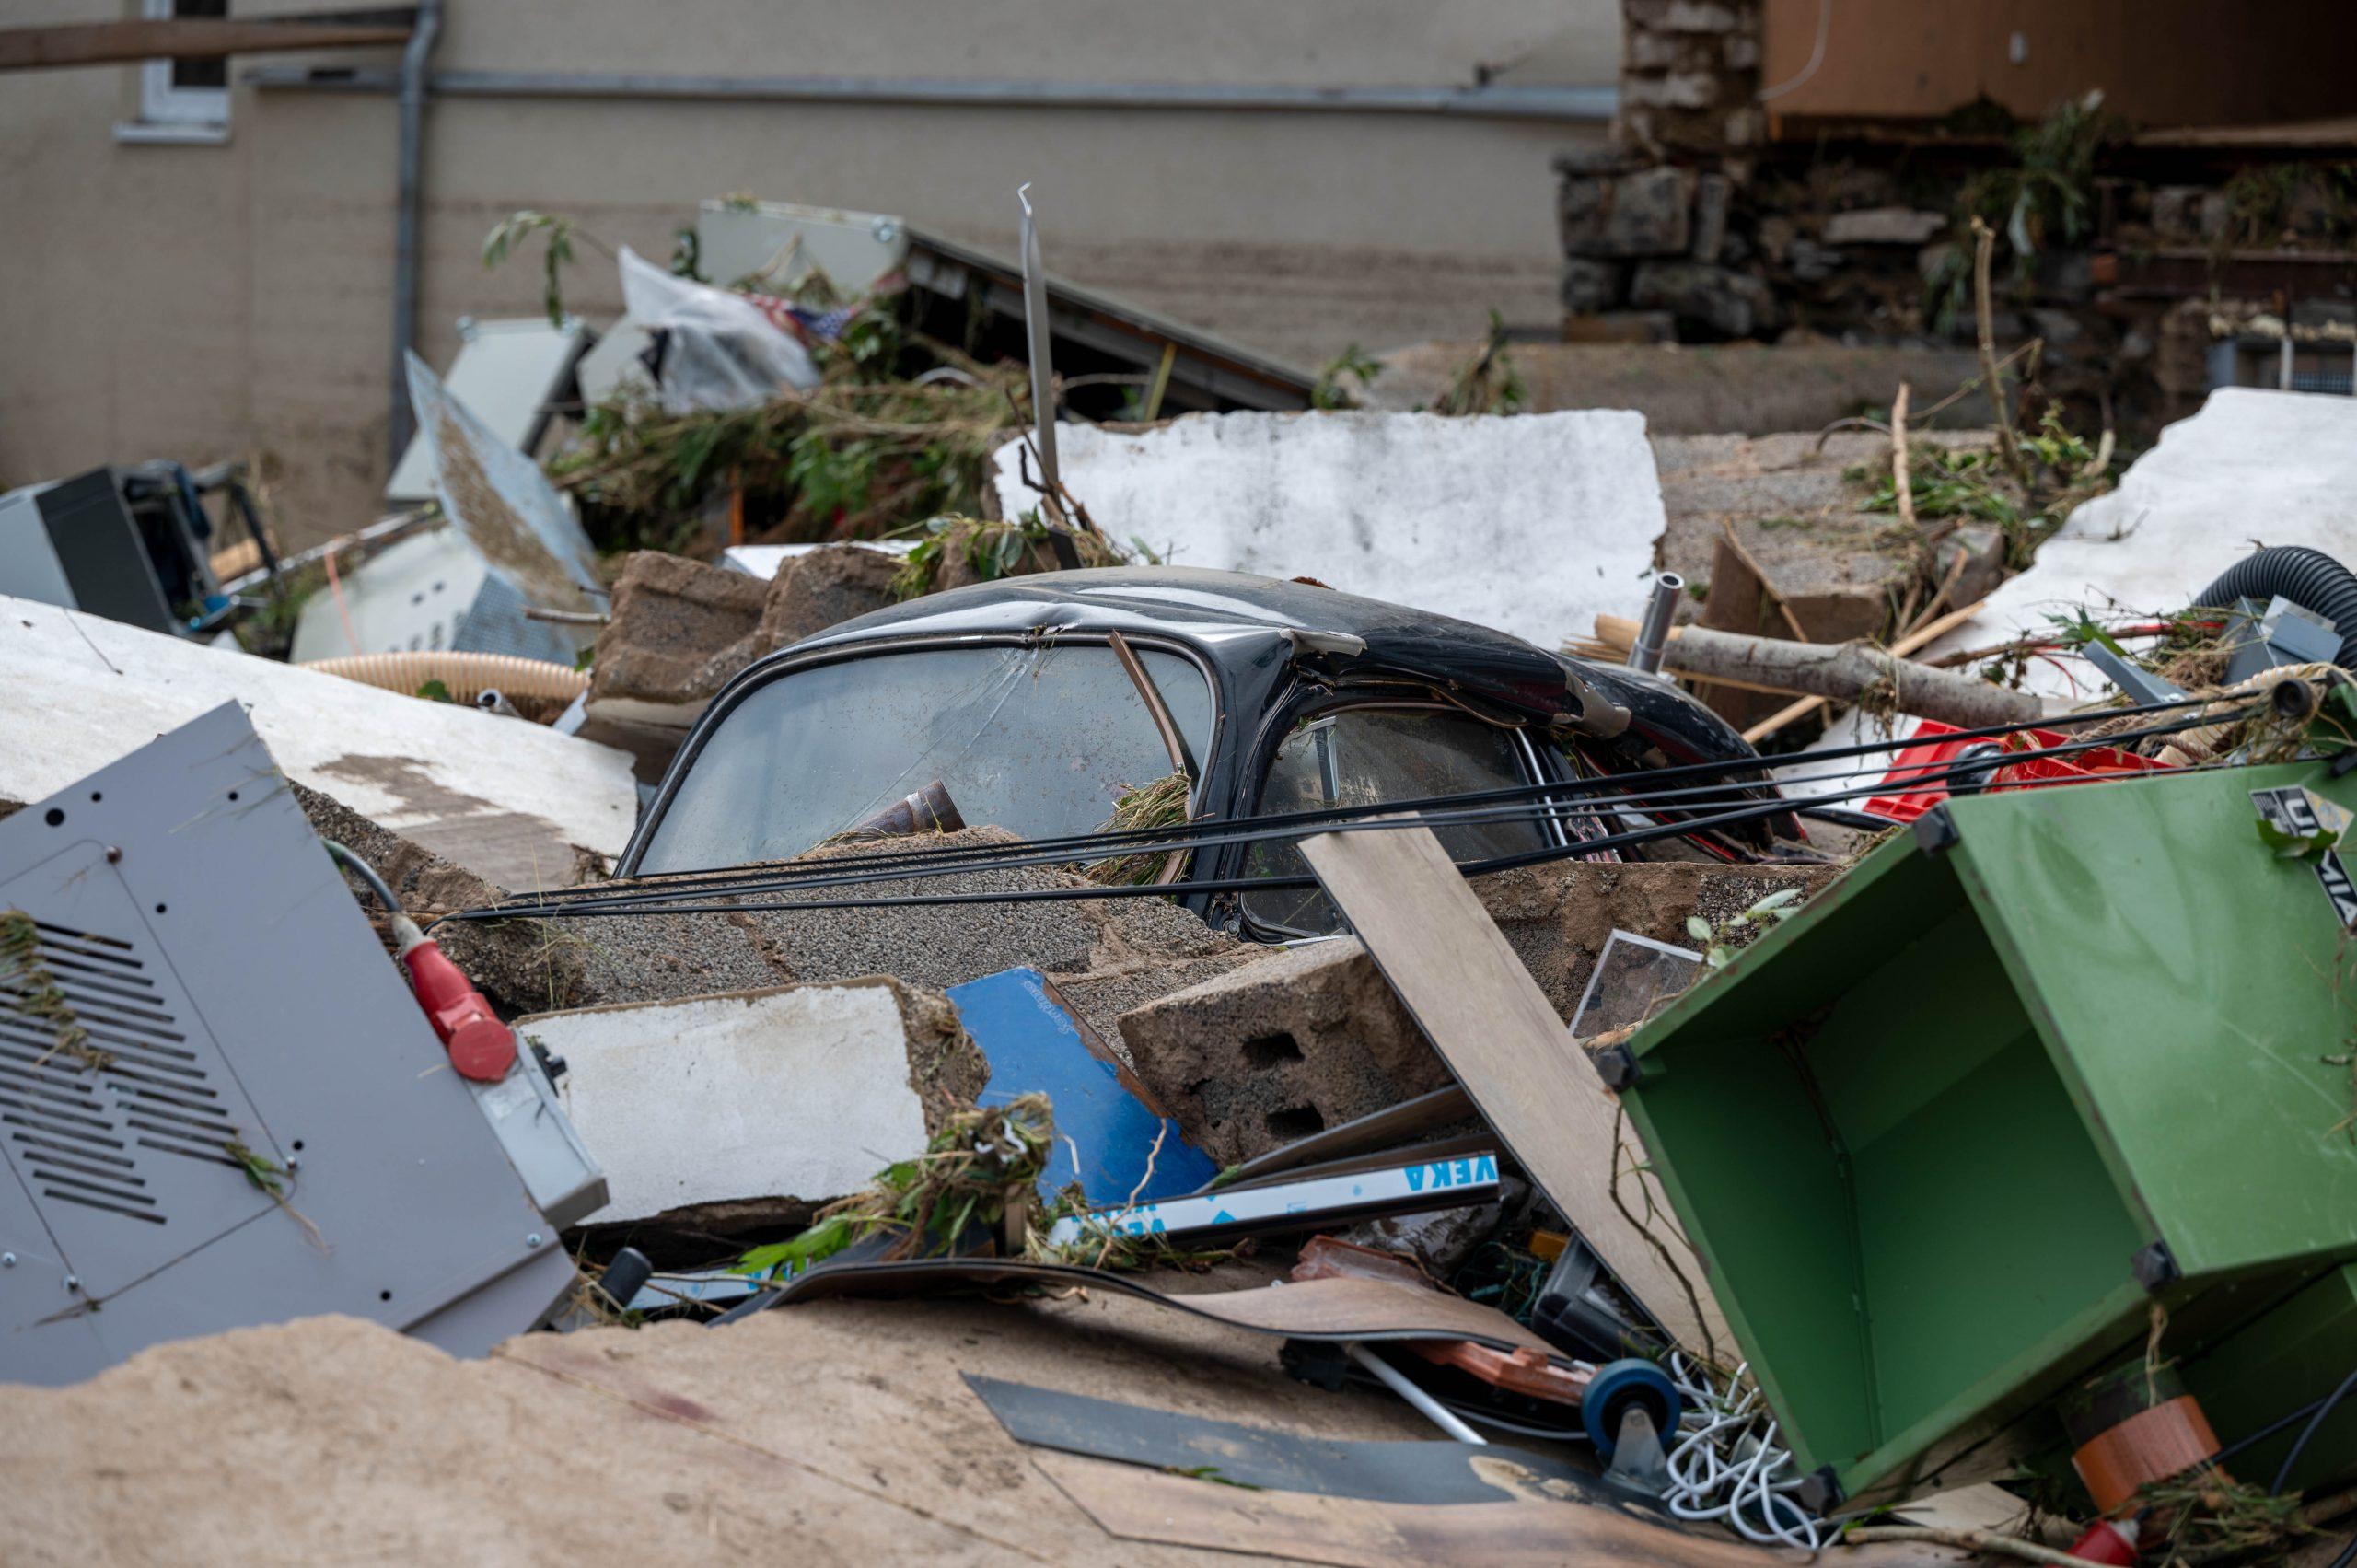 Das Dach eines zerstörten VW Käfer ragt in dem Ort im Kreis Ahrweiler nach dem Unwetter mit Hochwasser aus dem Schutt heraus